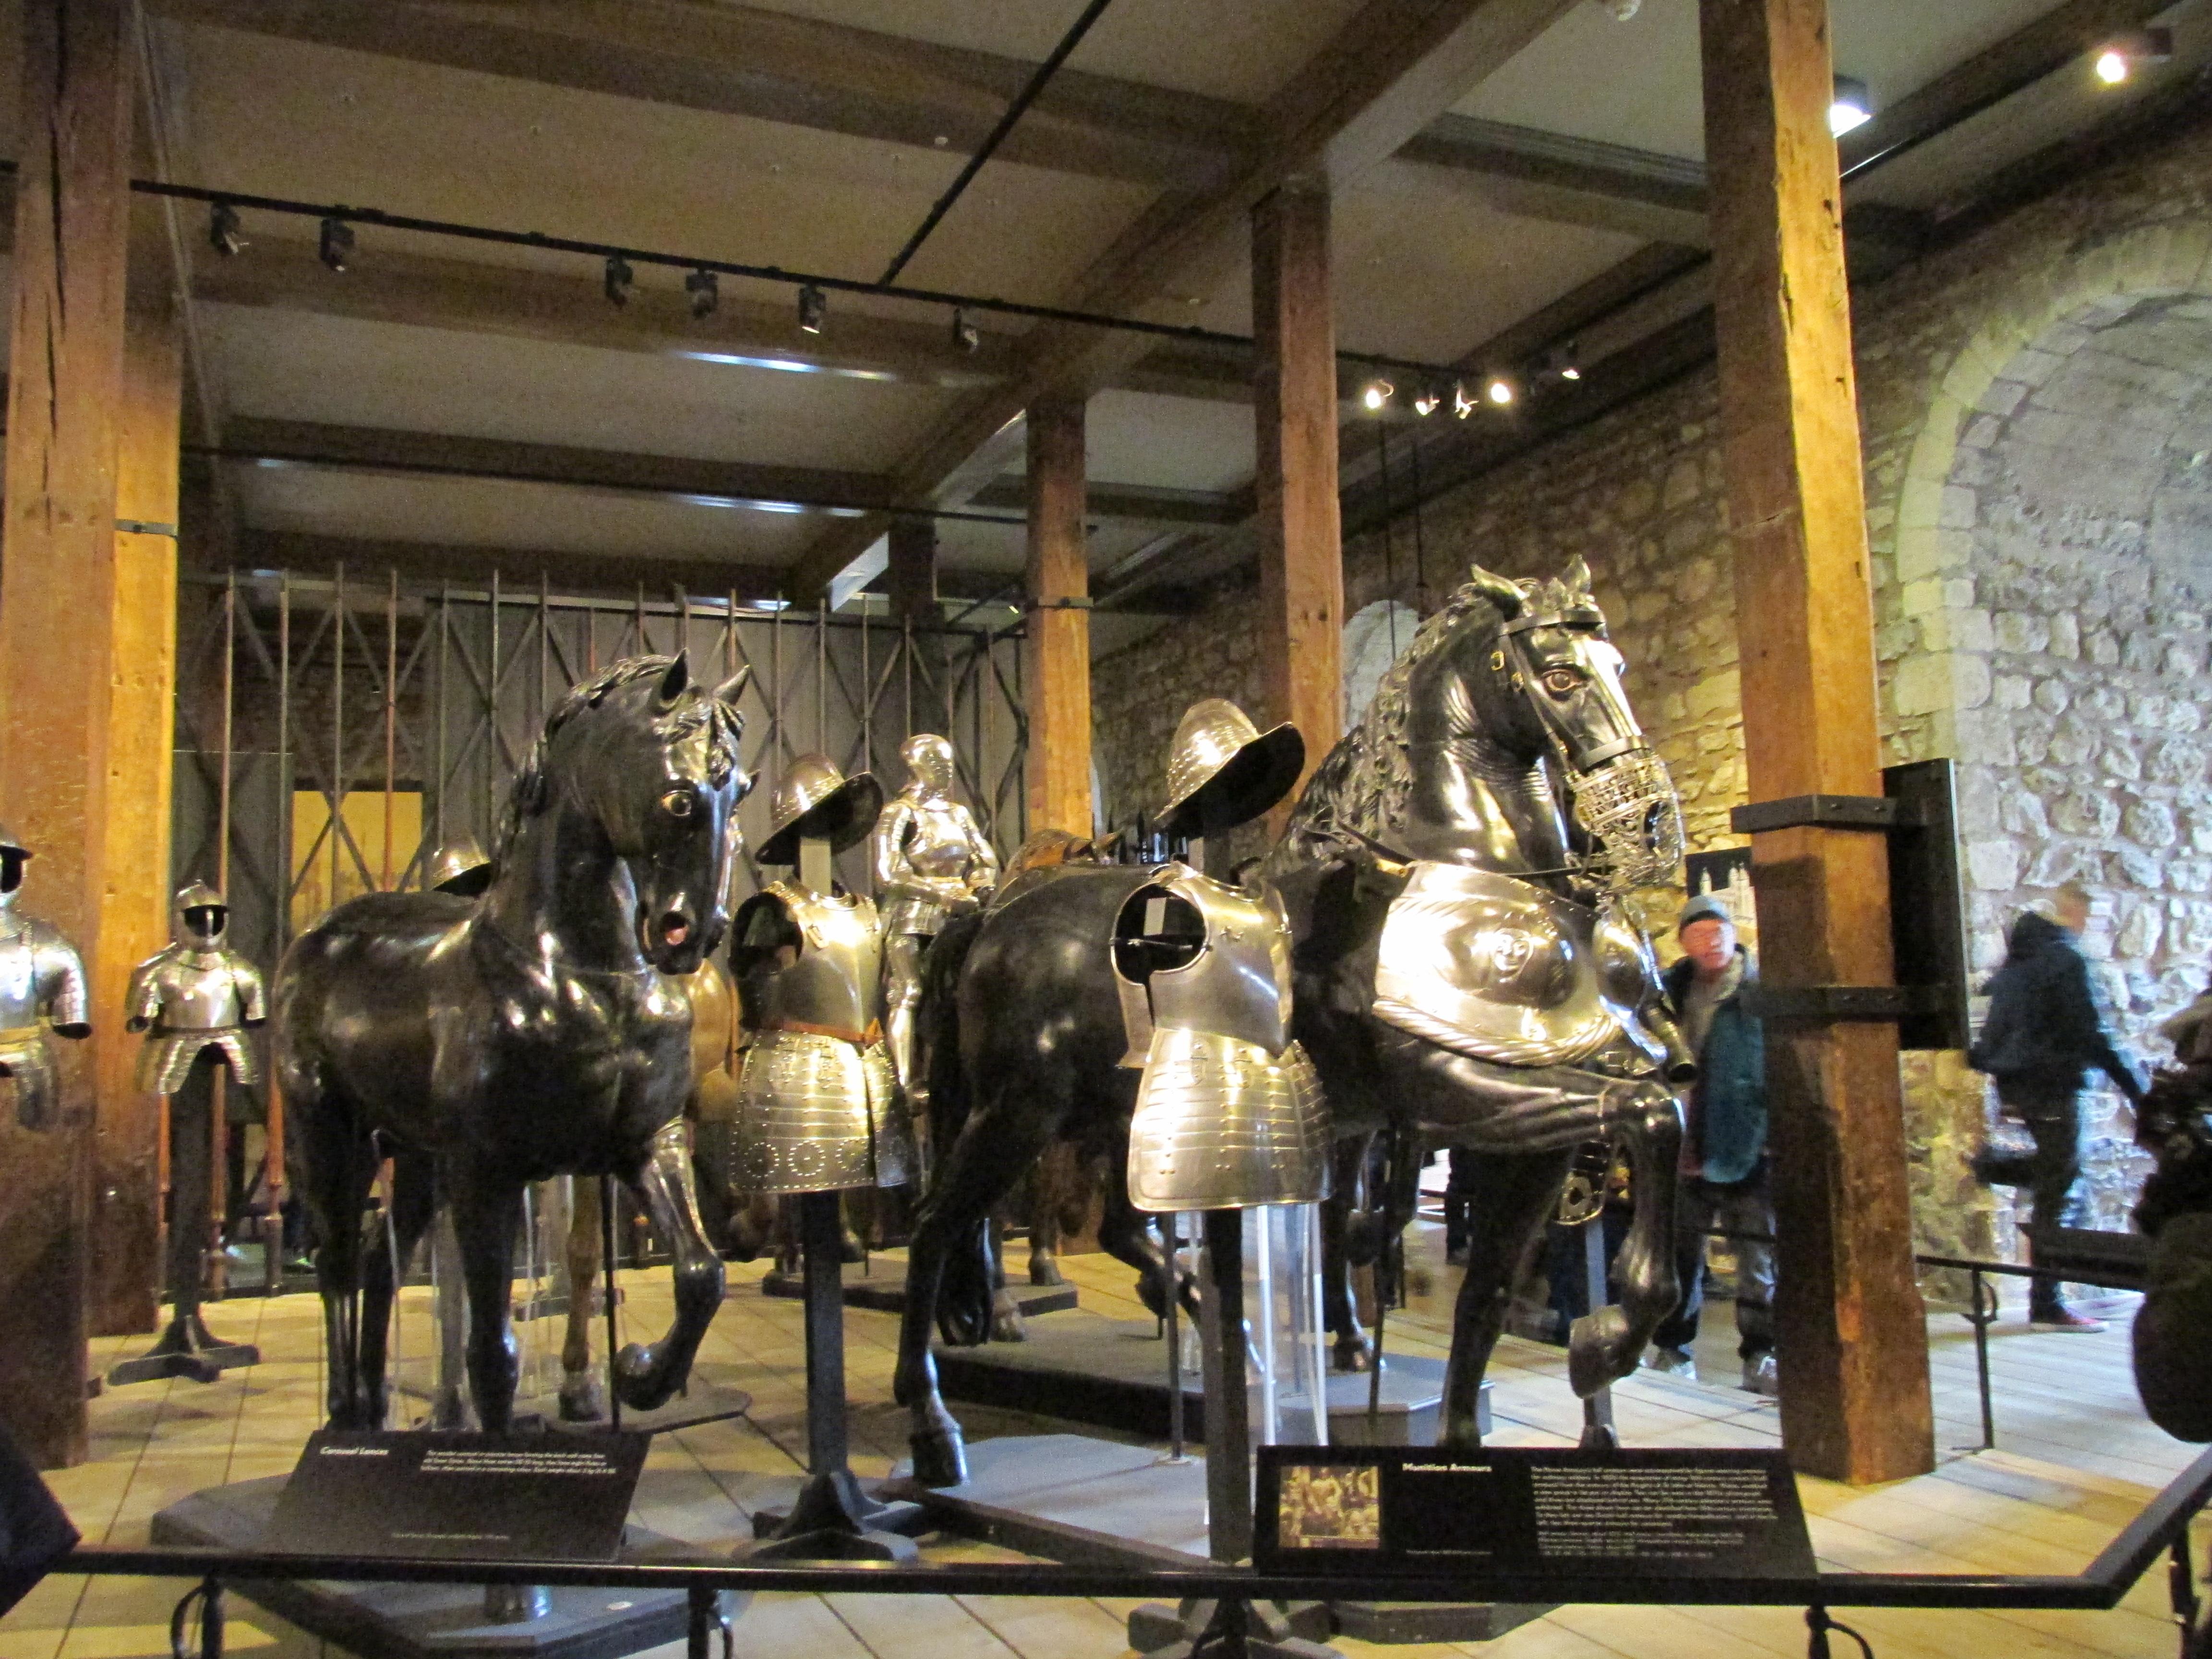 IMG 1789 - Visitando la Torre de Londres